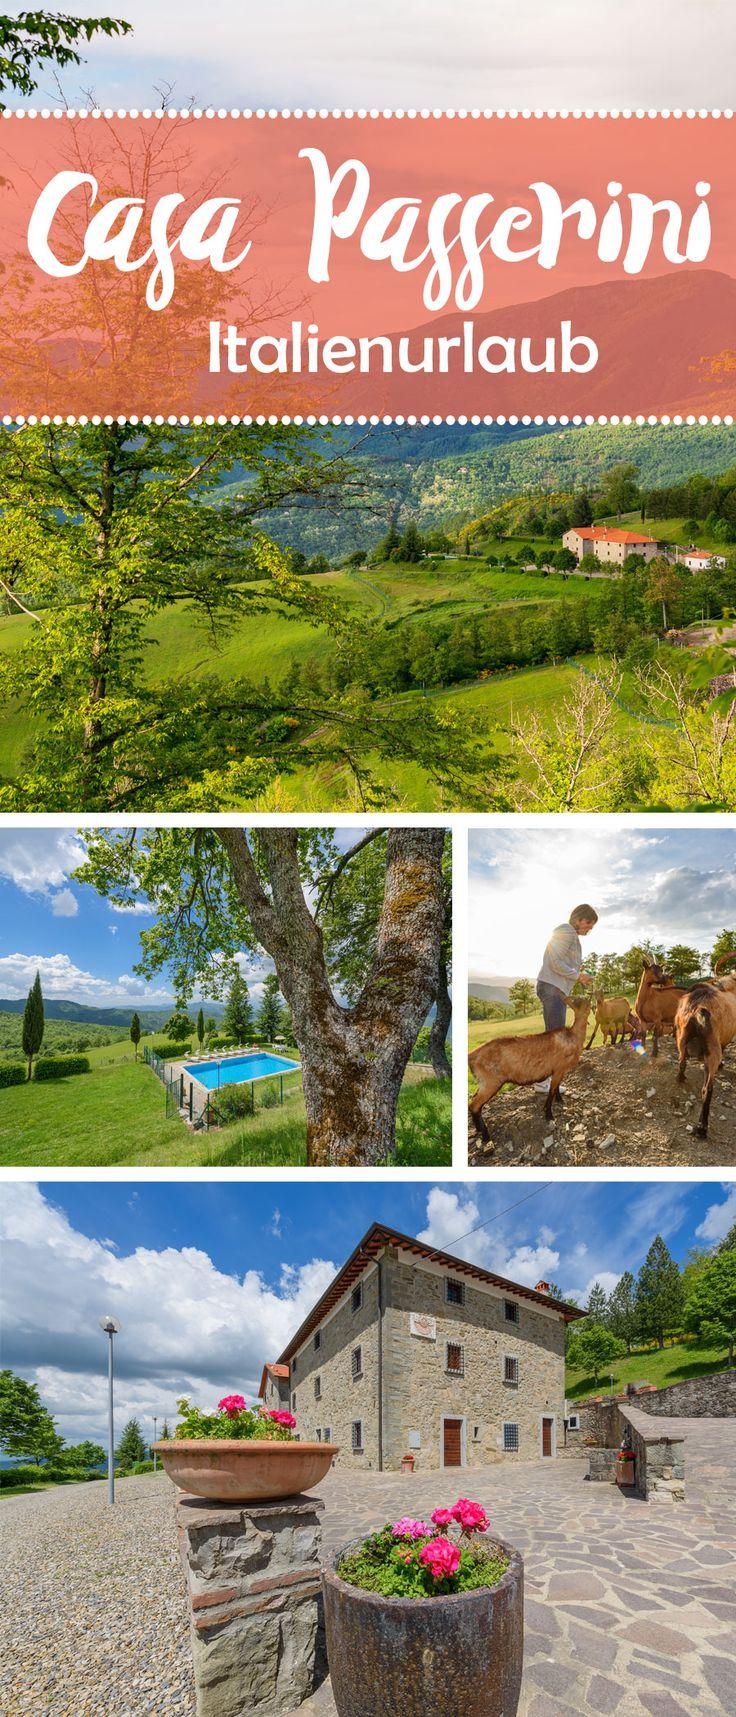 Inmitten von Feldern, alten Olivenhainen und Mischwäldern liegt im Nordosten der Toskana an einer kleinen, fast unbefahrenen Straße unsere Casa Passerini – ein ländliches Paradies mit Wohlfühlfaktor! #Italien #Reisetipps #Inspiration #Landhausstil #Toskana #Familie #Entspannung #Wandern #Oliven #Wein #Urlaub